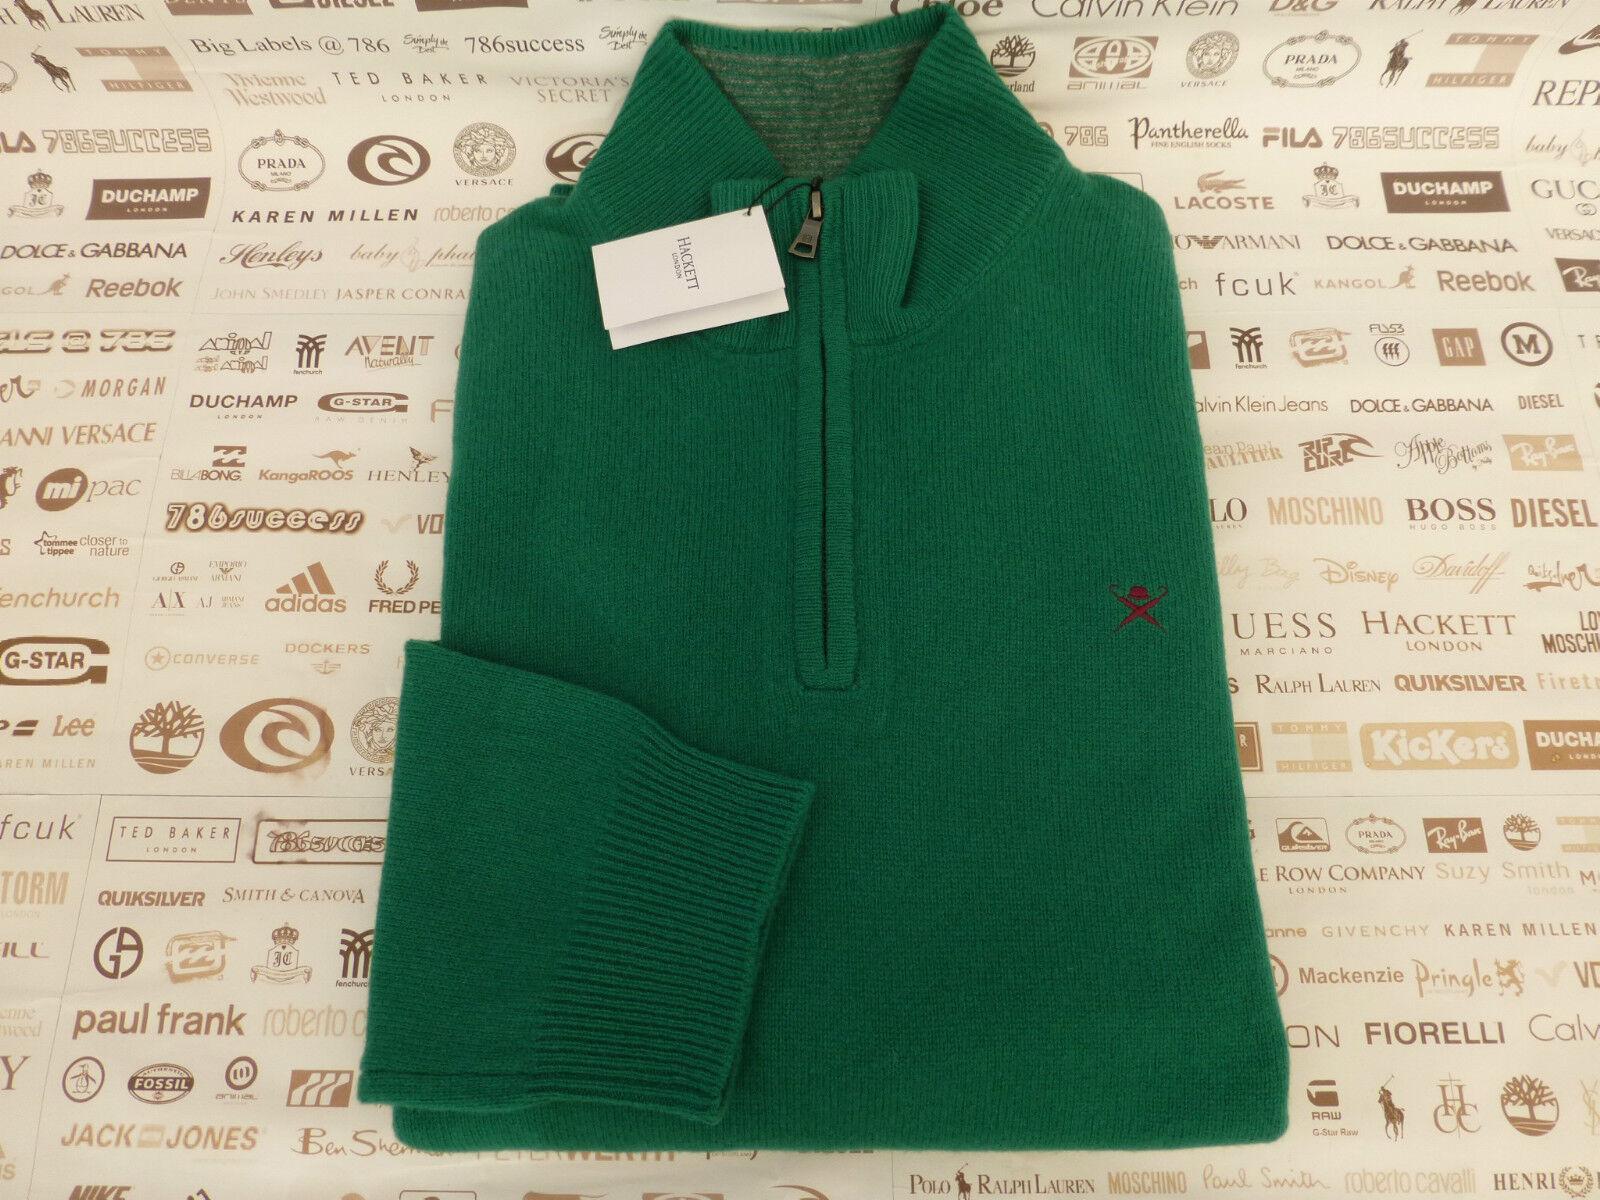 Hackett Tuck Maglione Taglia XXXL verde Mezza Zip Top Agnelli Lana Pullover NUOVO CON ETICHETTA RP